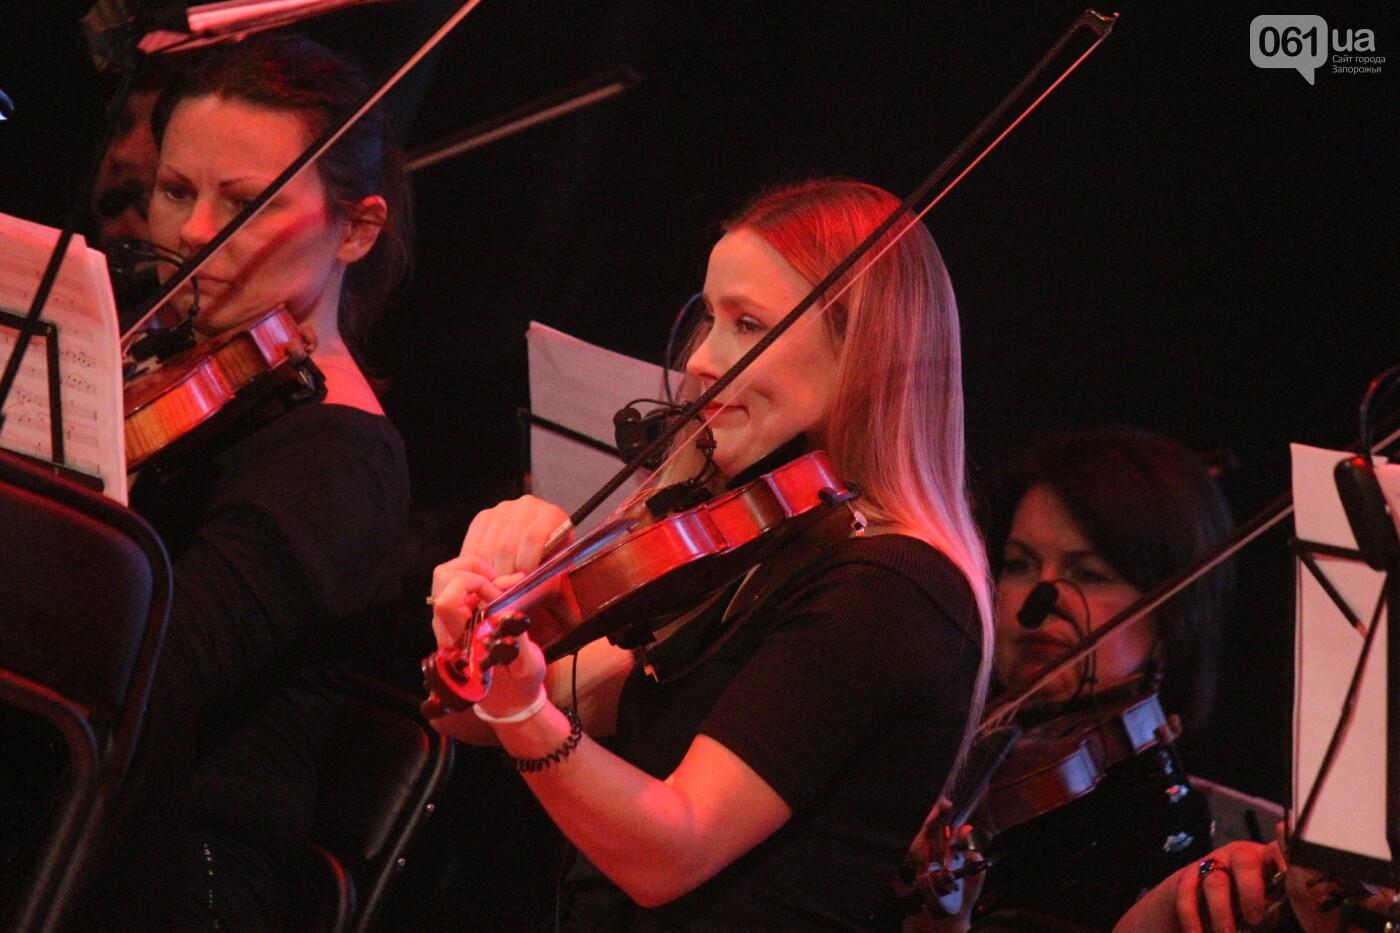 В Запорожье группа «Скрябин» сыграла лучшие хиты с симфоническим оркестром, – ФОТОРЕПОРТАЖ, фото-22